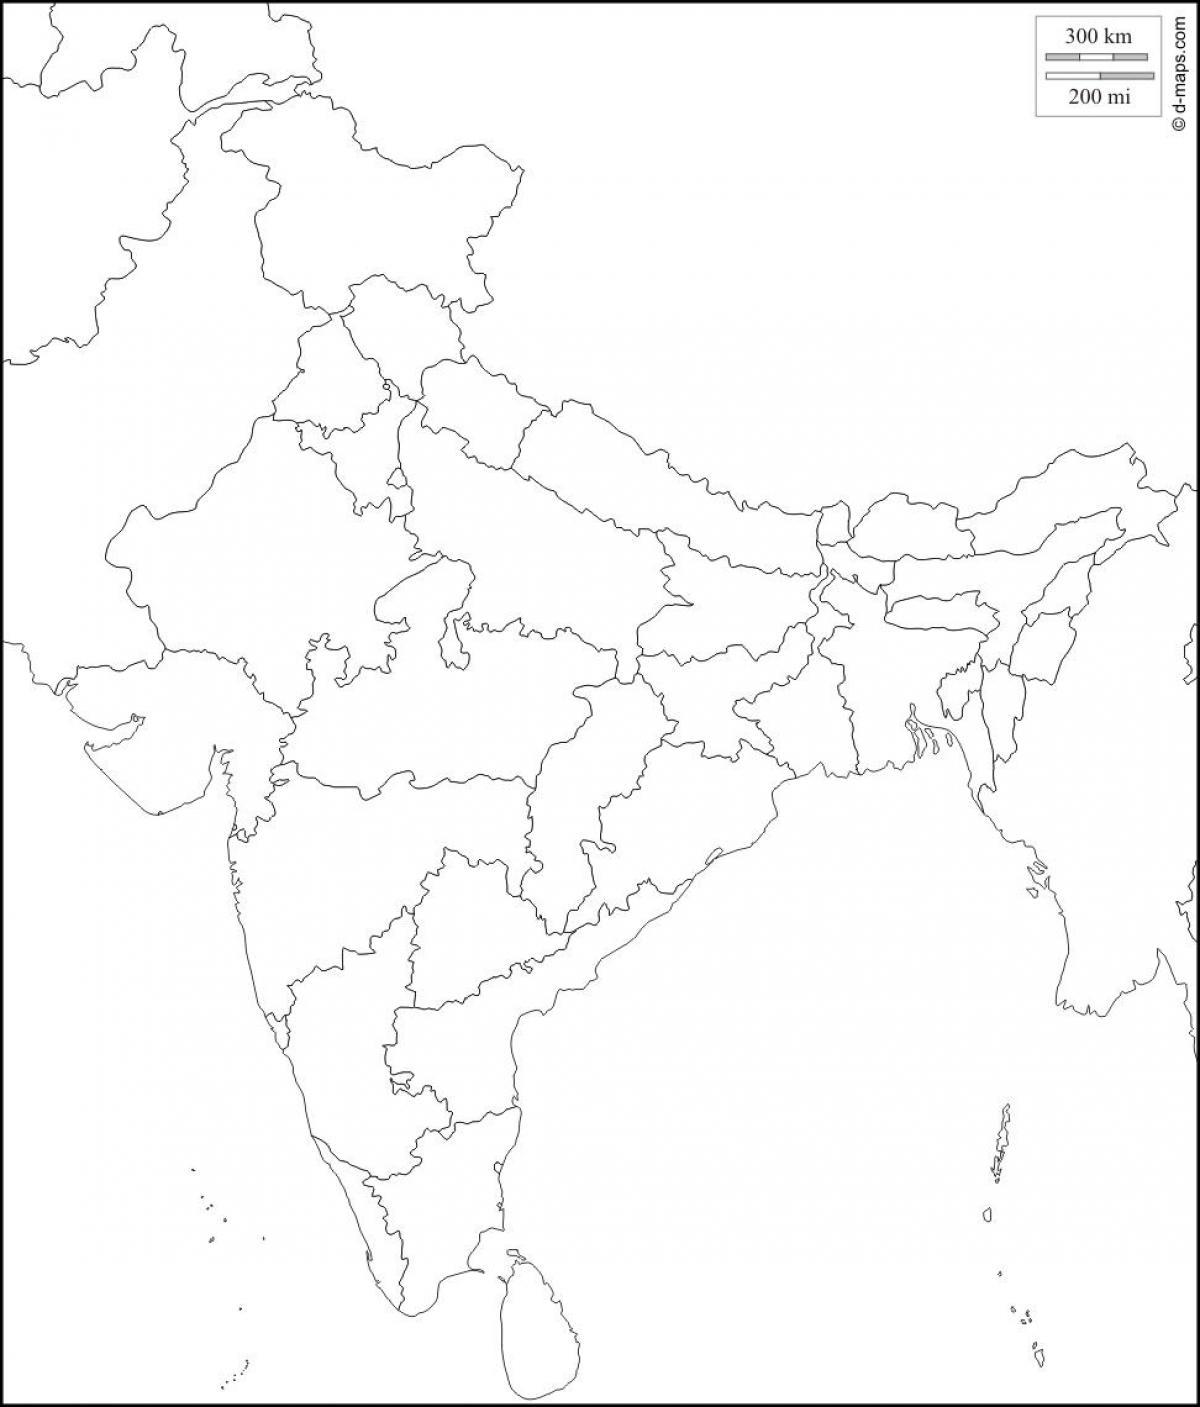 Slepa Mapa Indie S Statni Hranice Prazdne Indie Mapa S Statni